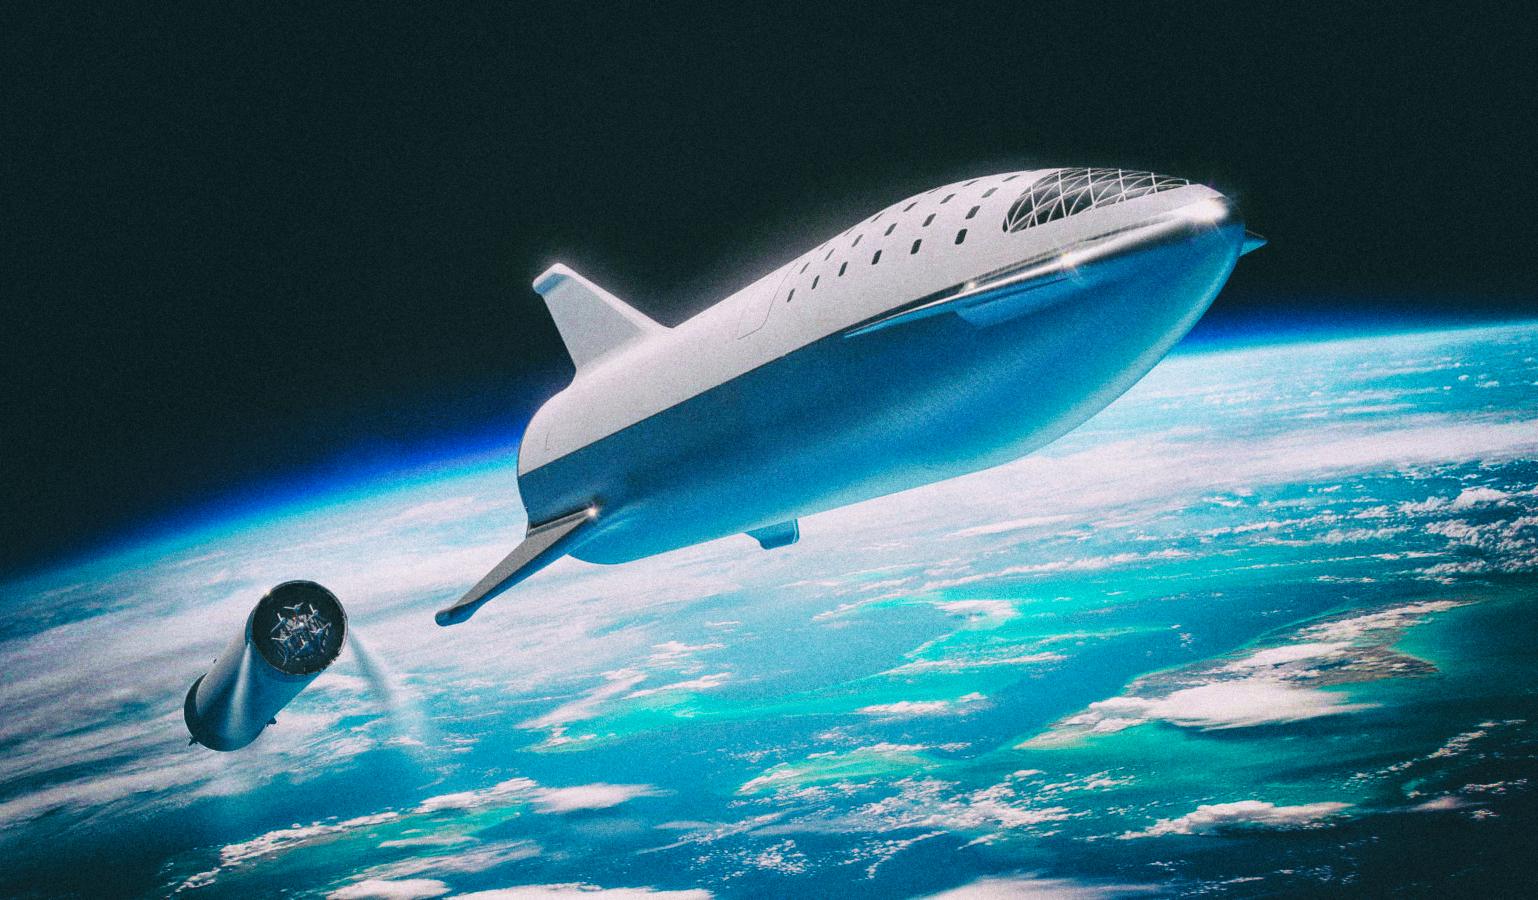 На следующей неделе Илон Маск испытает свой новый космический корабль